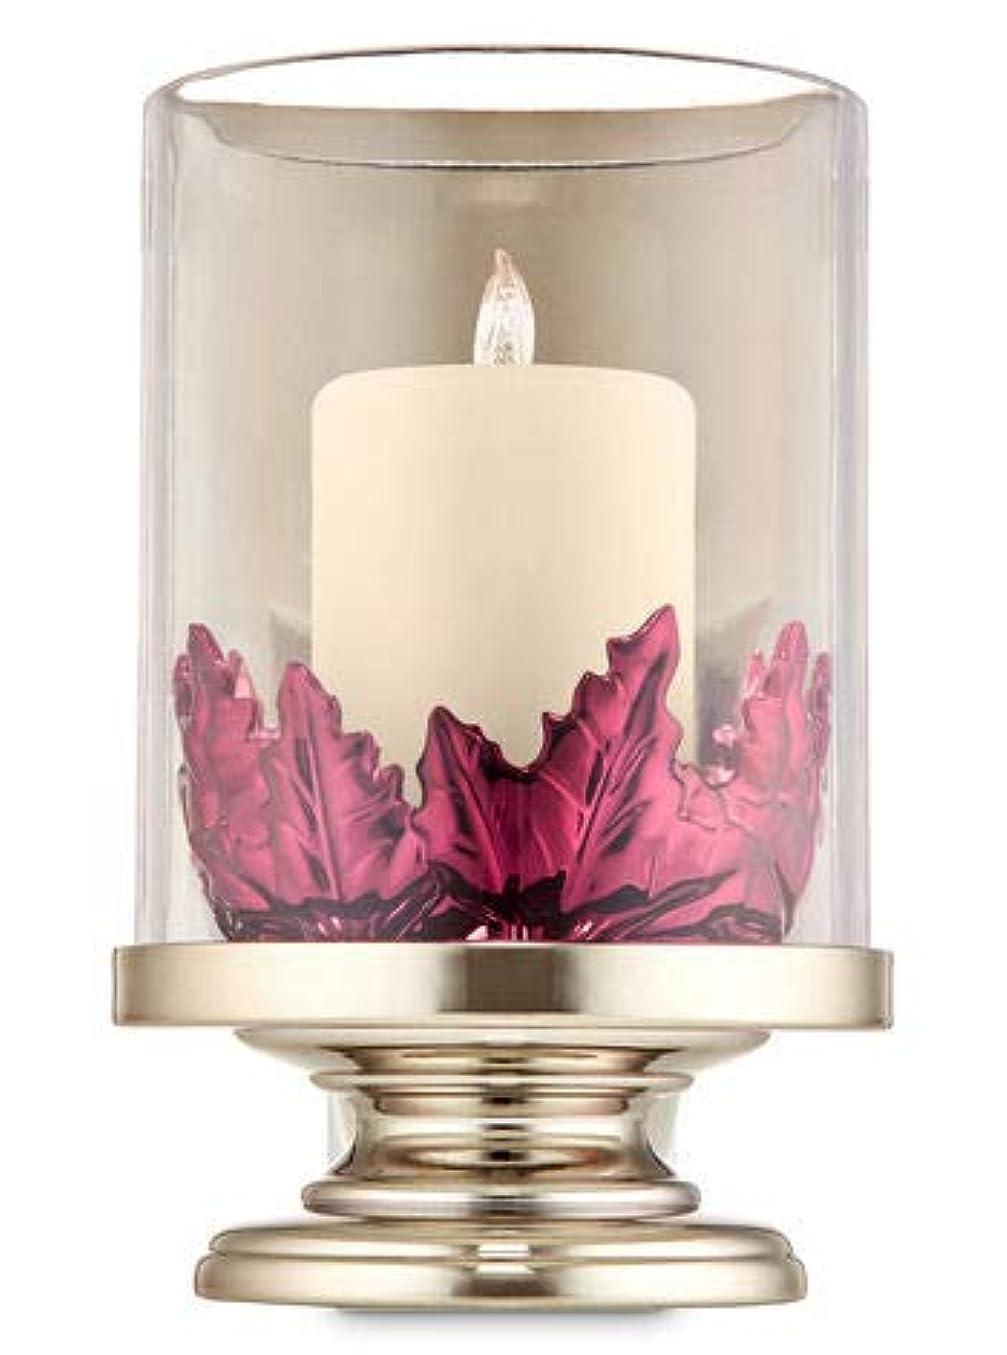 更新する専門化するクラス【Bath&Body Works/バス&ボディワークス】 ルームフレグランス プラグインスターター (本体のみ) ピラーキャンドル with リーブス ナイトライト Wallflowers Fragrance Plug Pillar Candle with Leaves Night Light [並行輸入品]